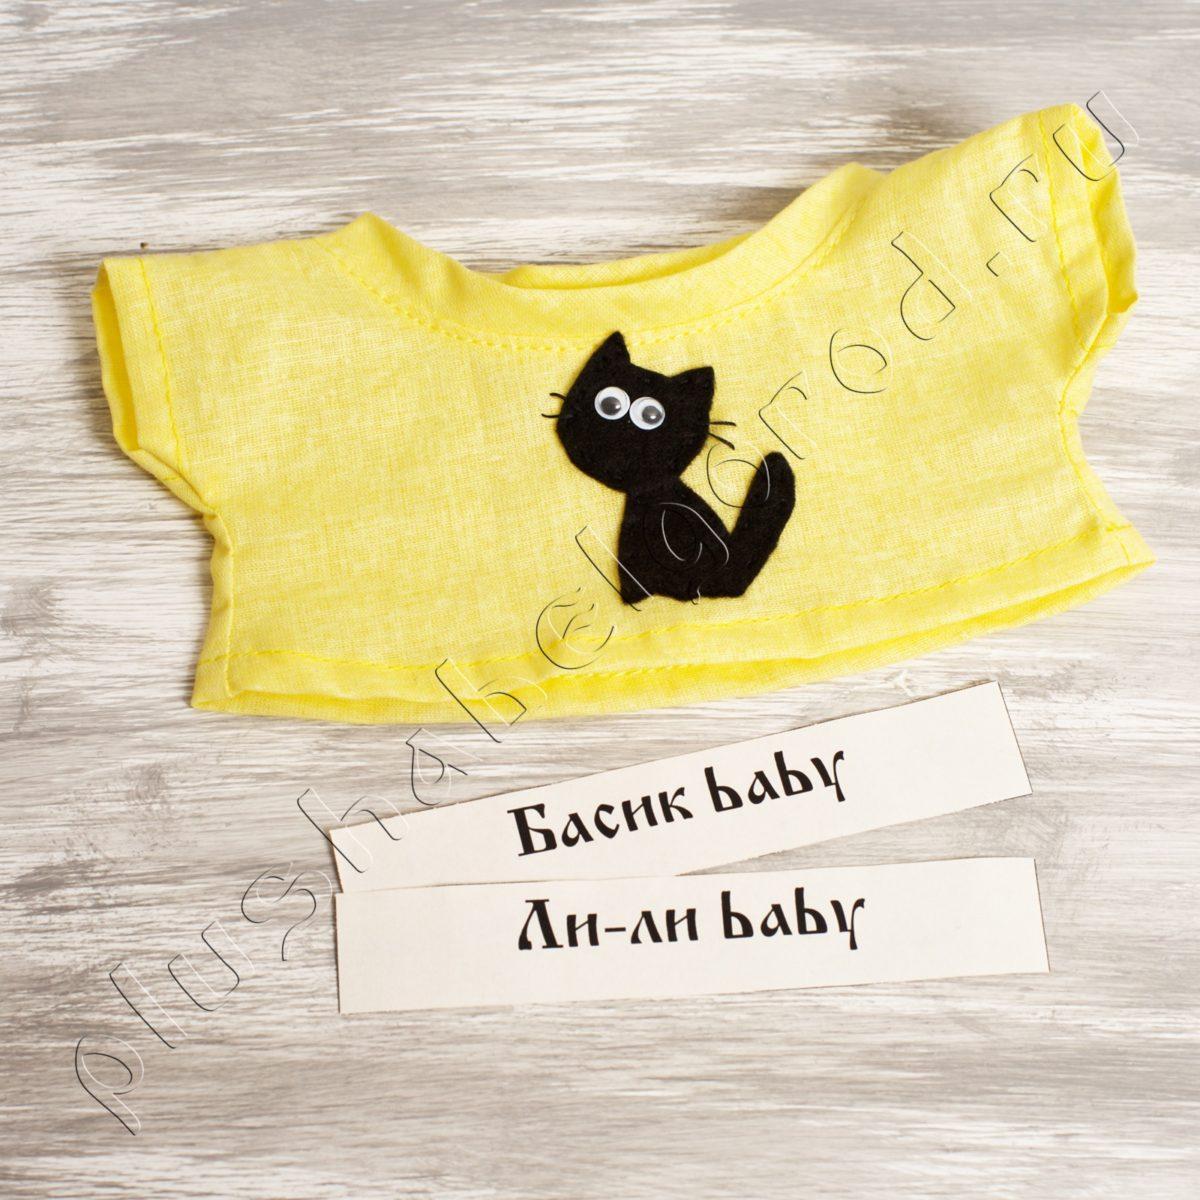 Футболка желтая с чёрным котом (baby)